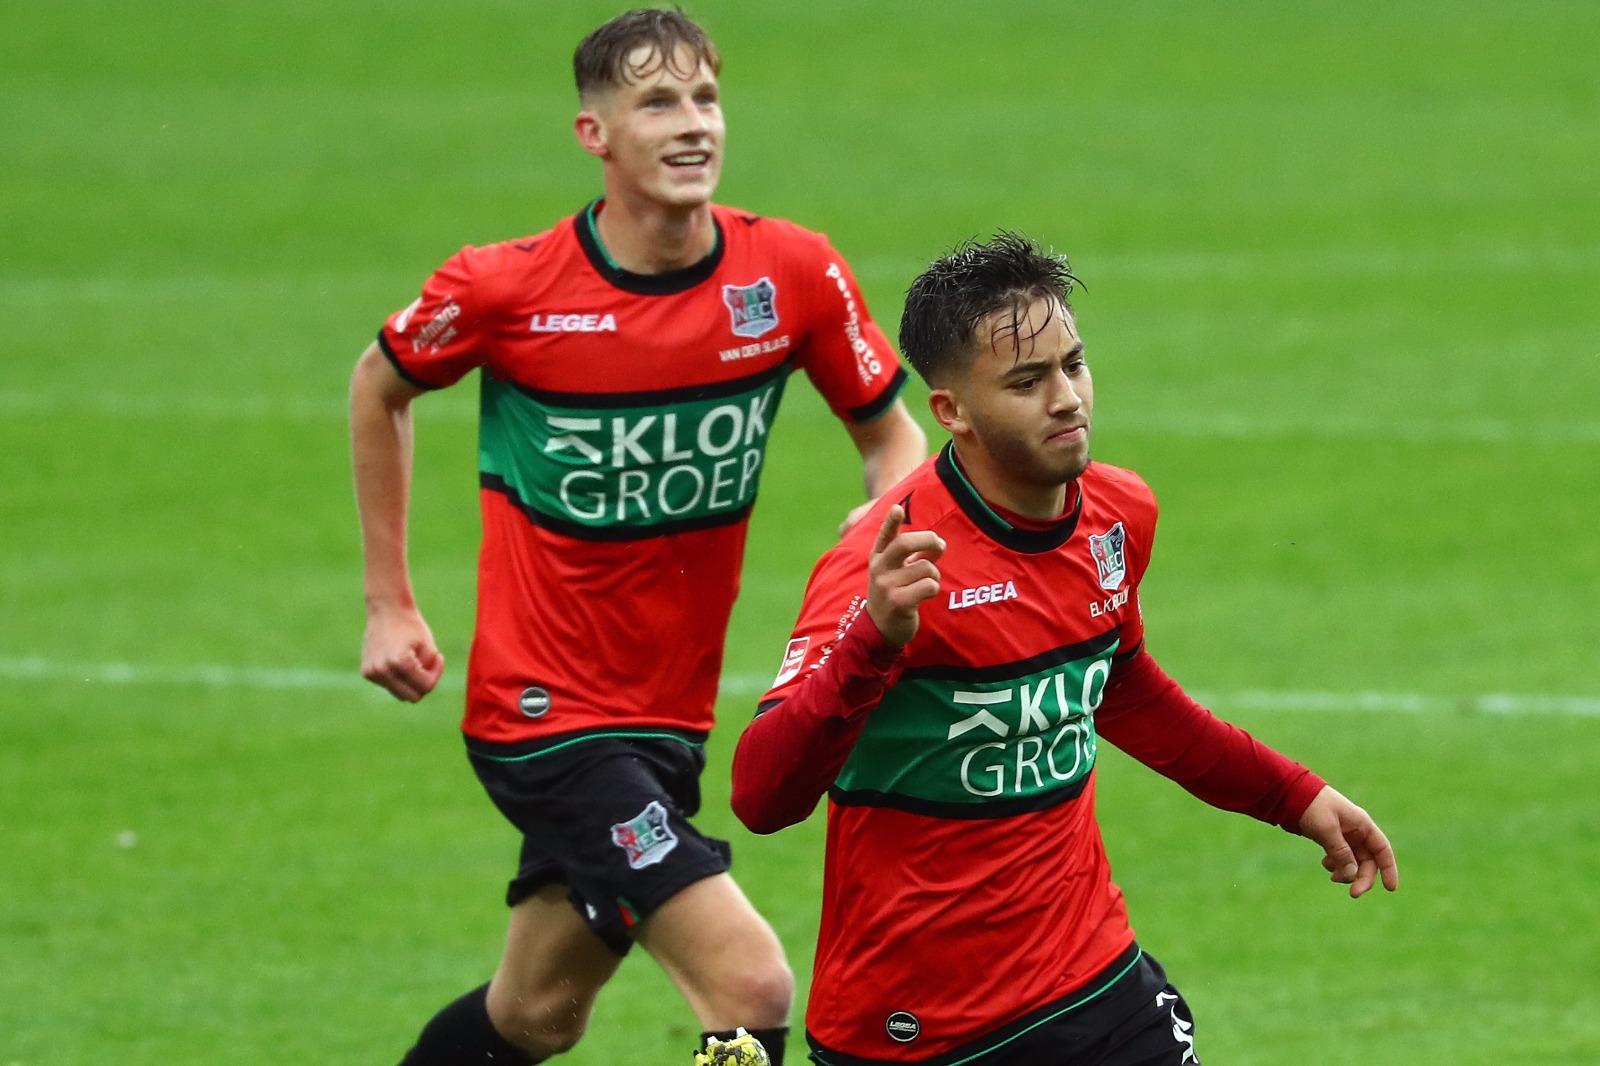 El Karouani debuteert in Marokkaanse selectie